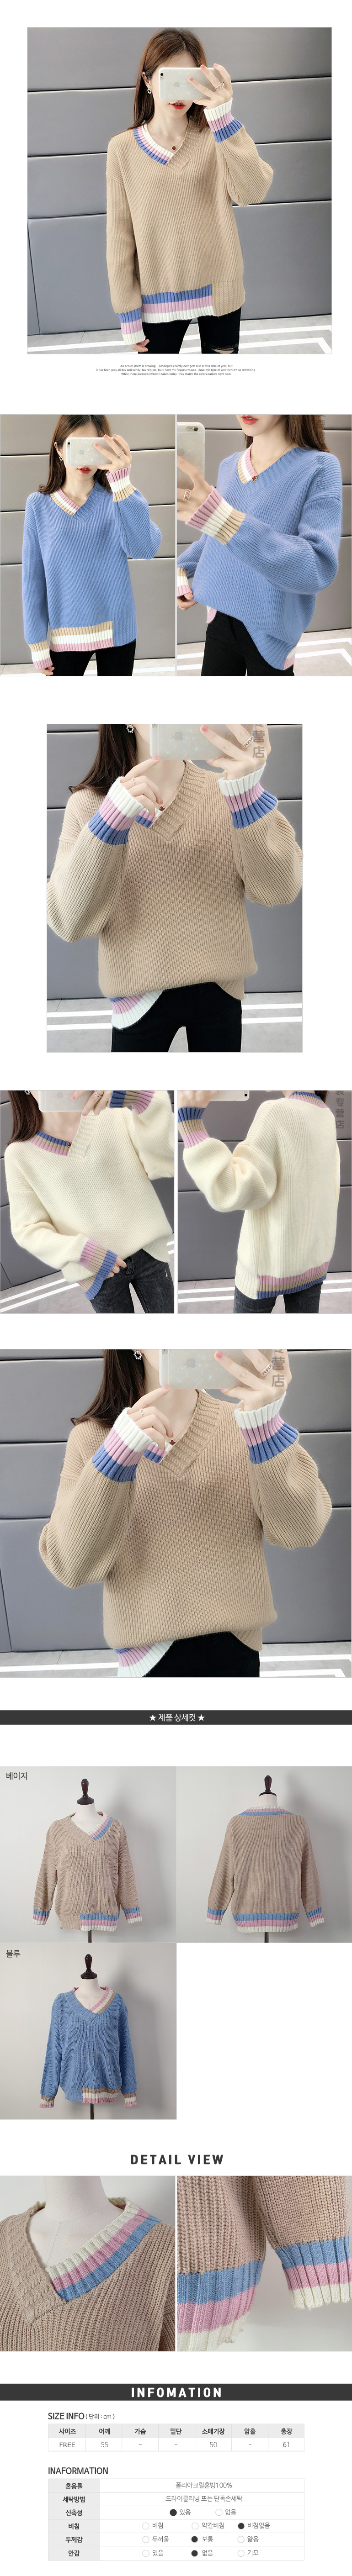 Cotton Candy V Knit